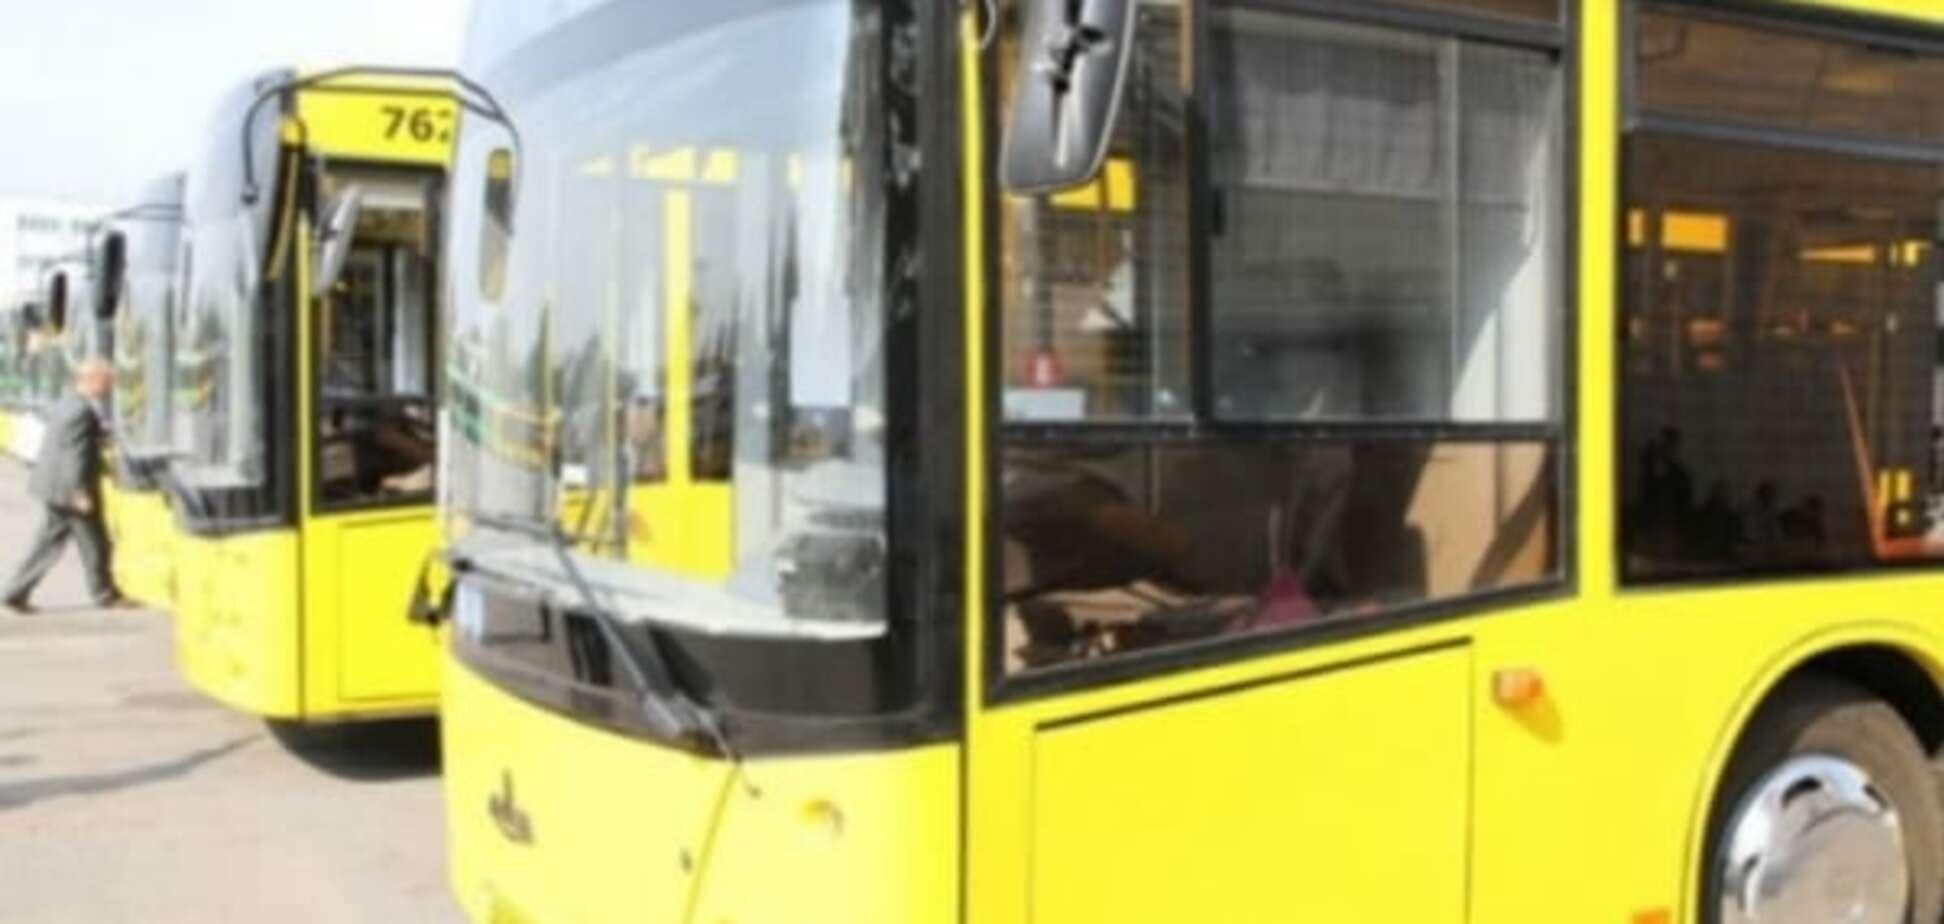 Заспокоїли: проїзд у київському транспорті до лютого не подорожчає